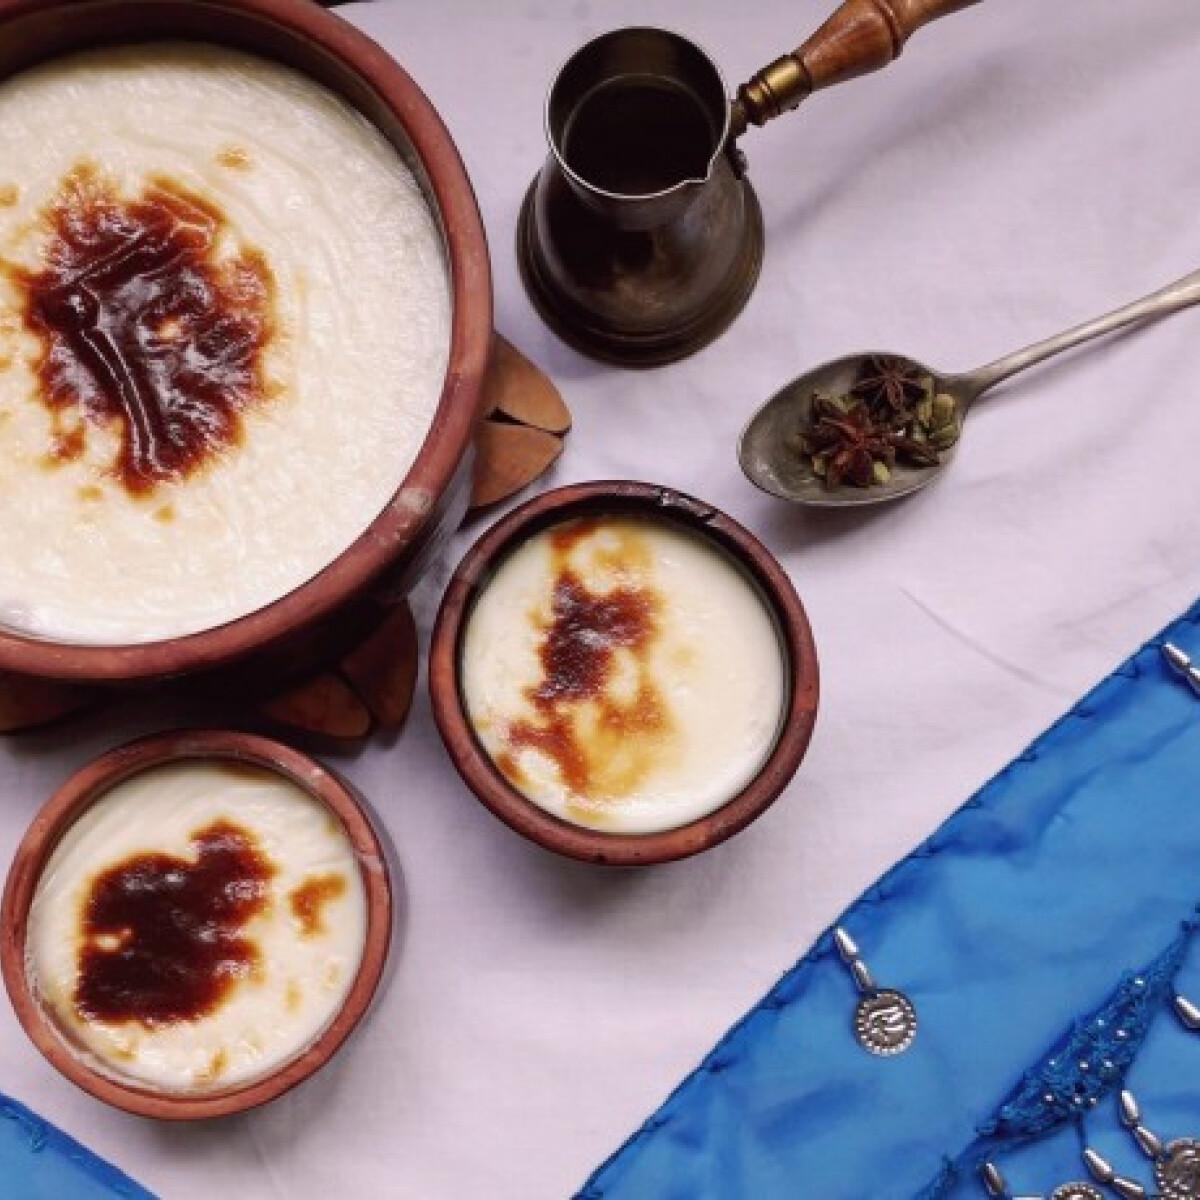 Ezen a képen: Sütőben sült egyiptomi tejberizs - roz bel laban